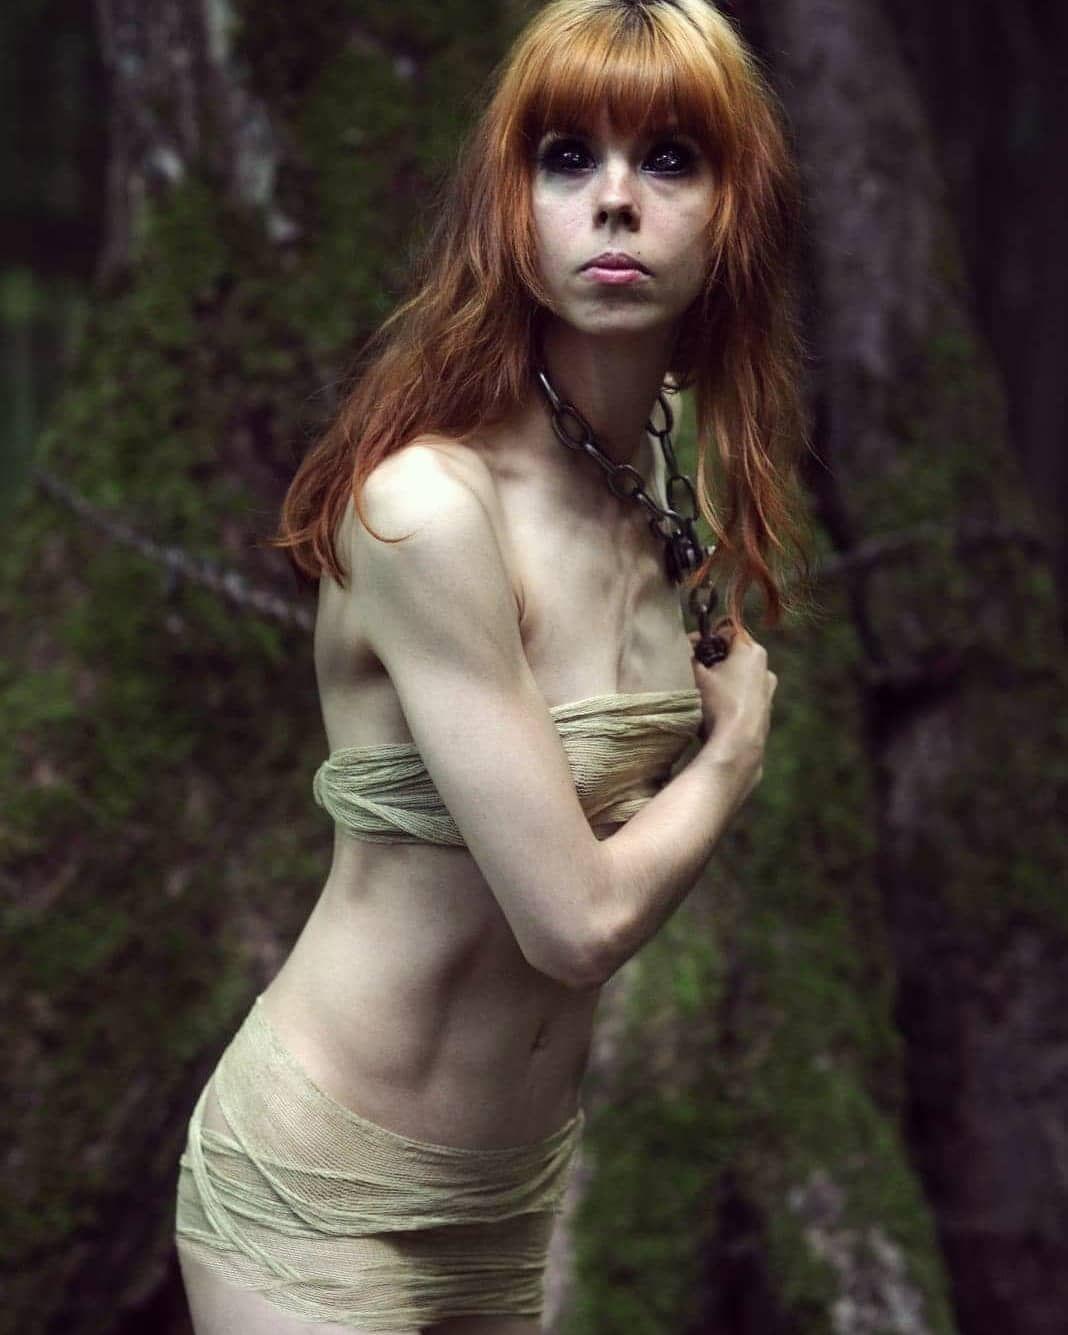 Gözlerine dövme yaptıran genç kadın kör oldu - Sayfa:1